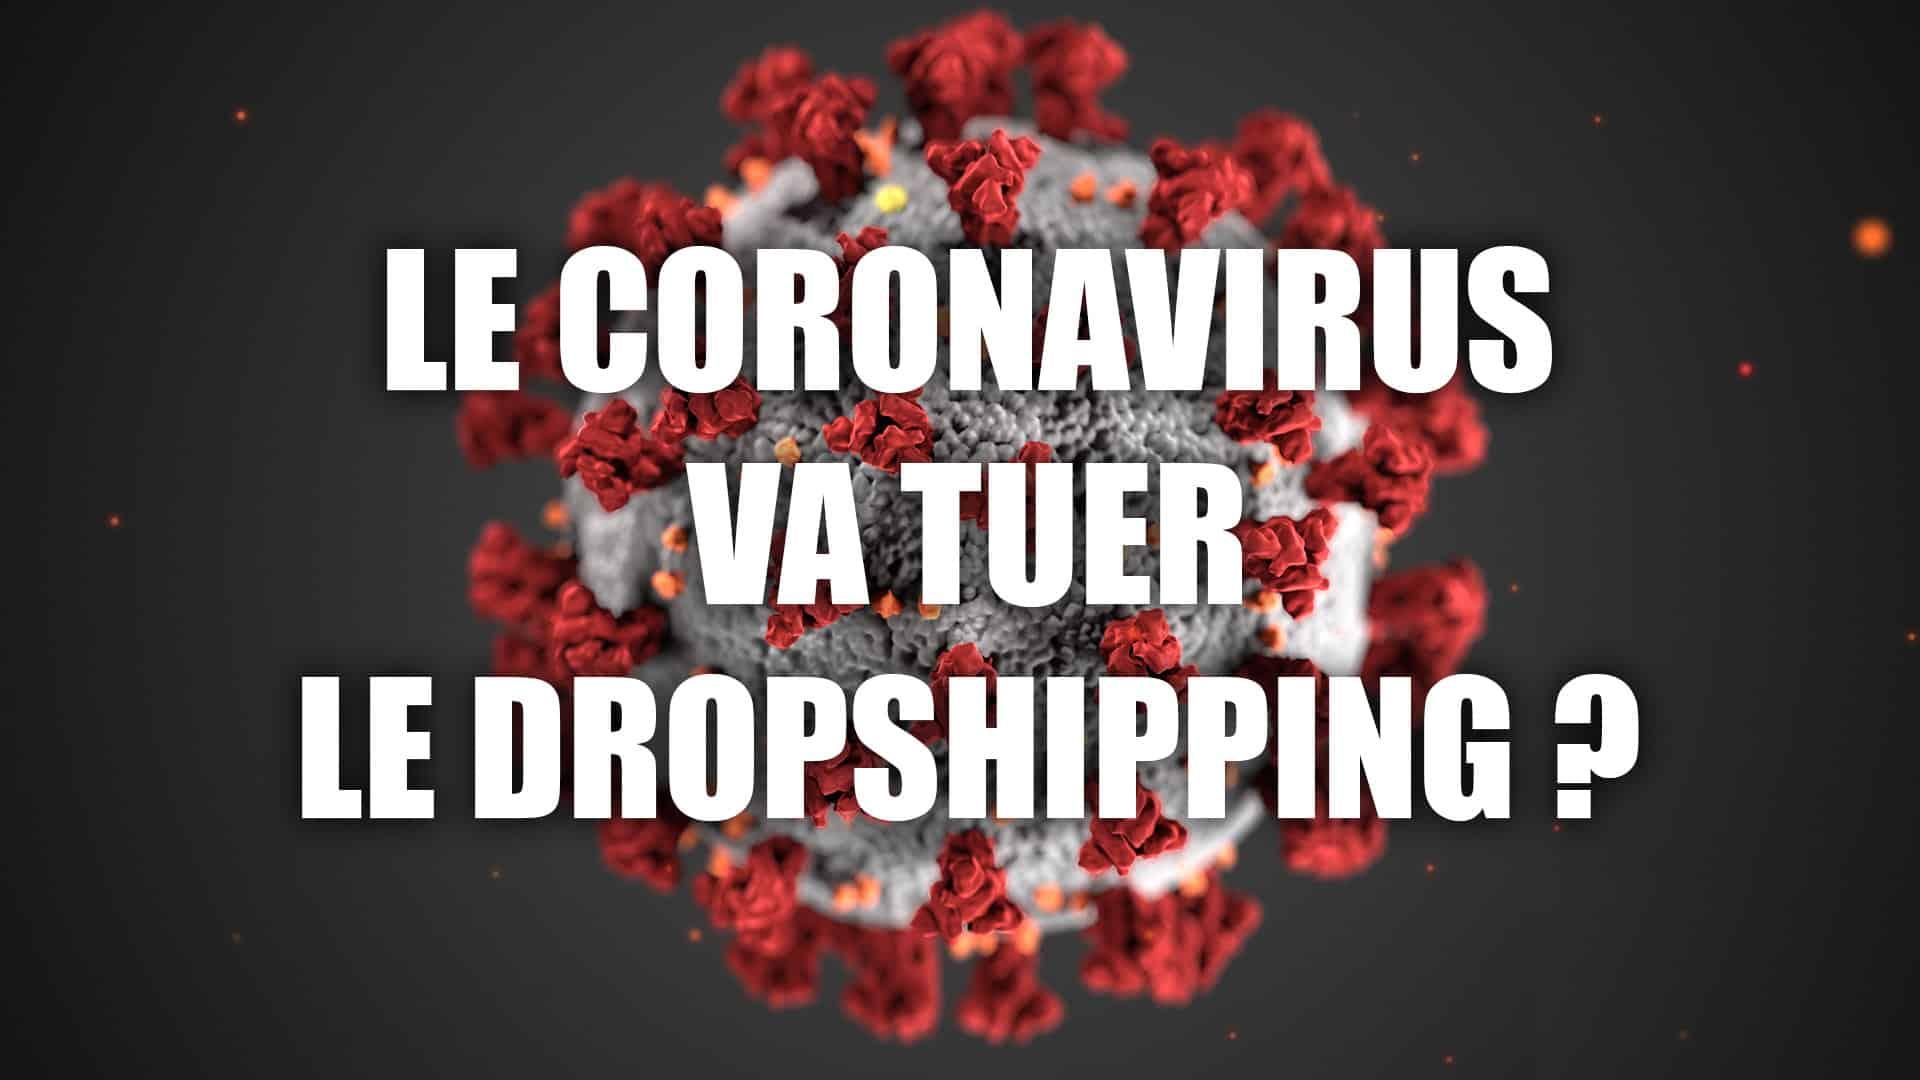 Le coronavirus et le dropshipping, quel impact et conséquences dans le e-commerce